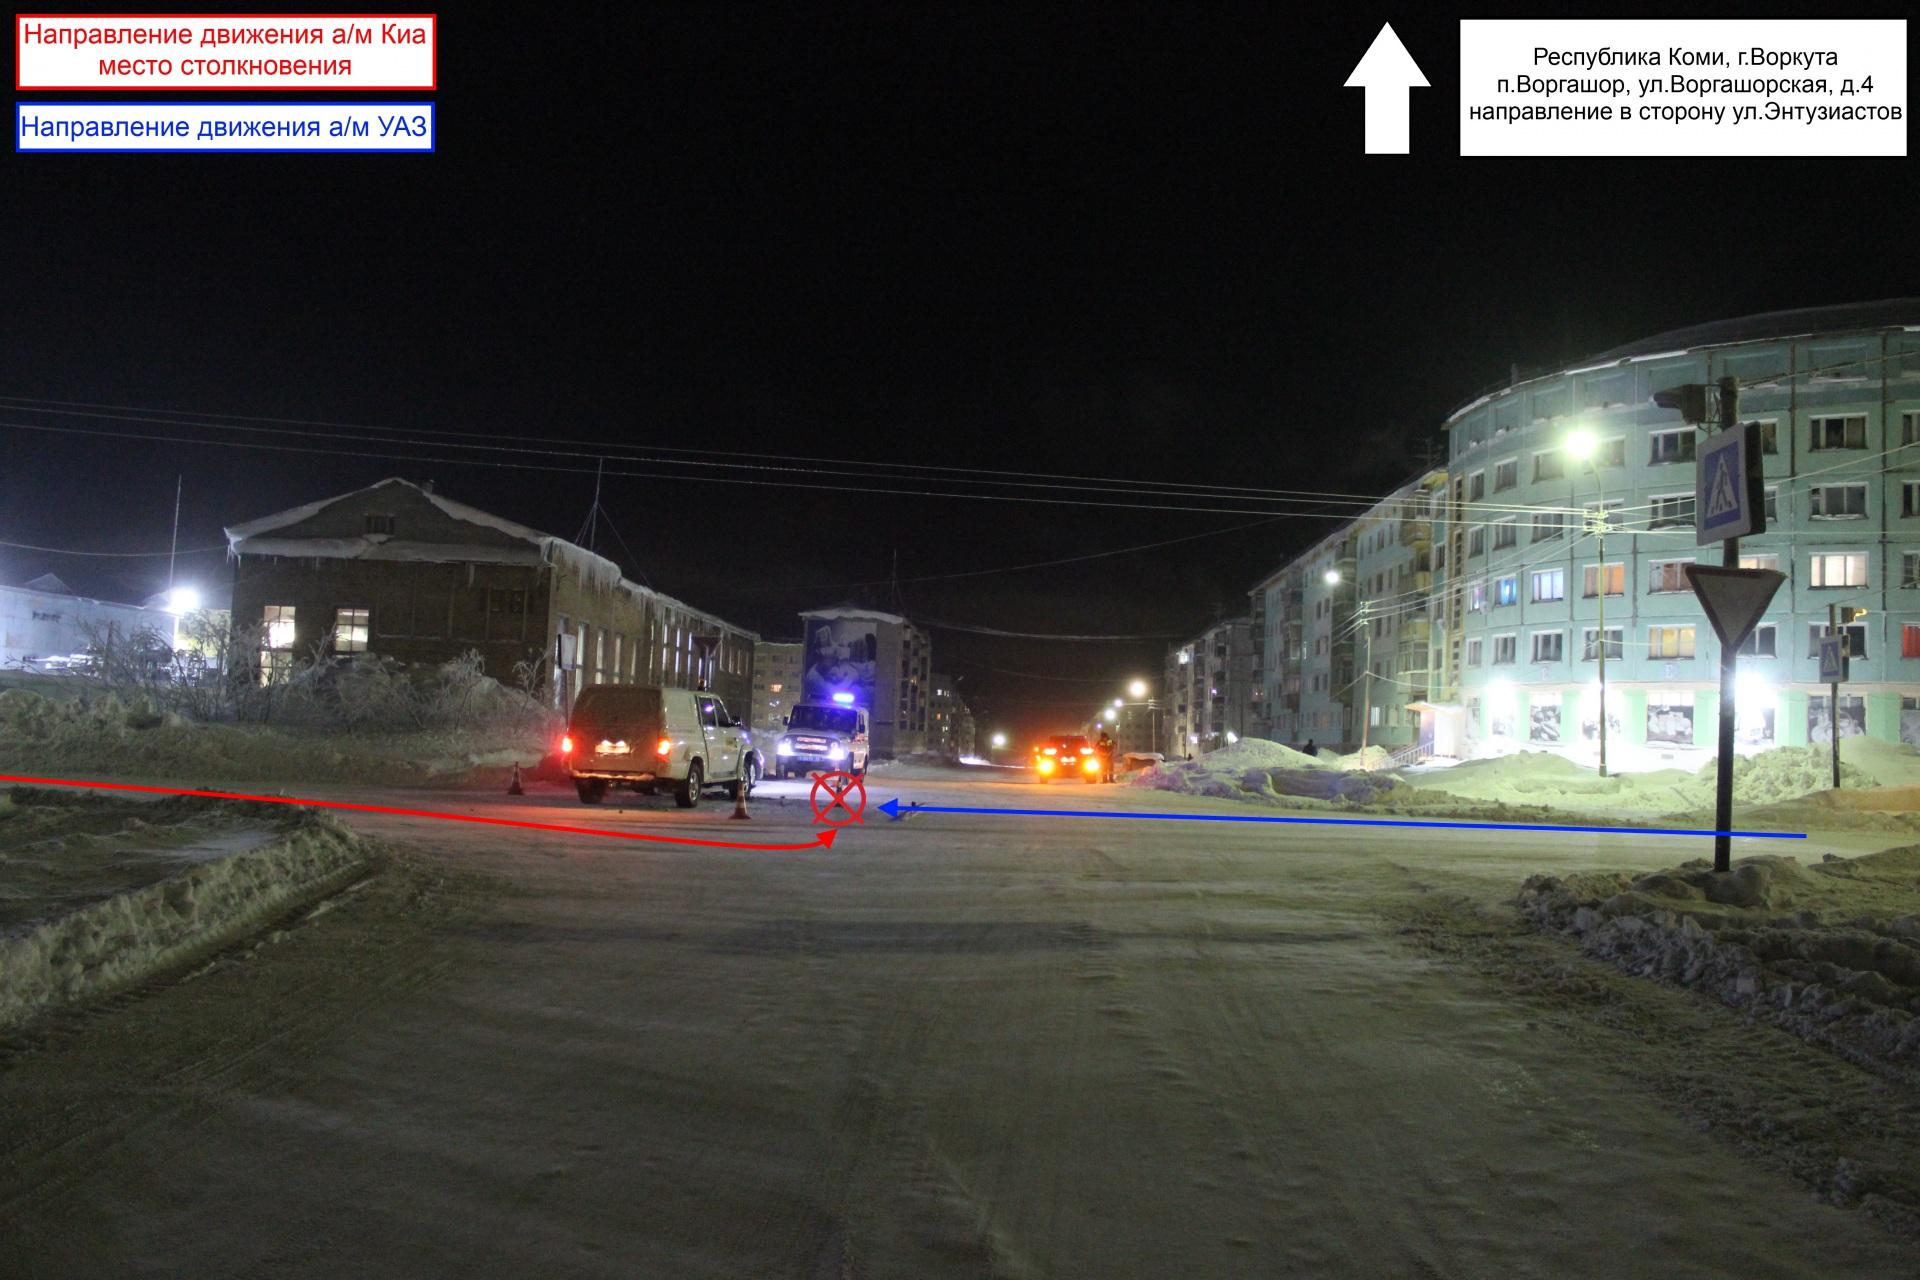 Vorkuta02.jpg